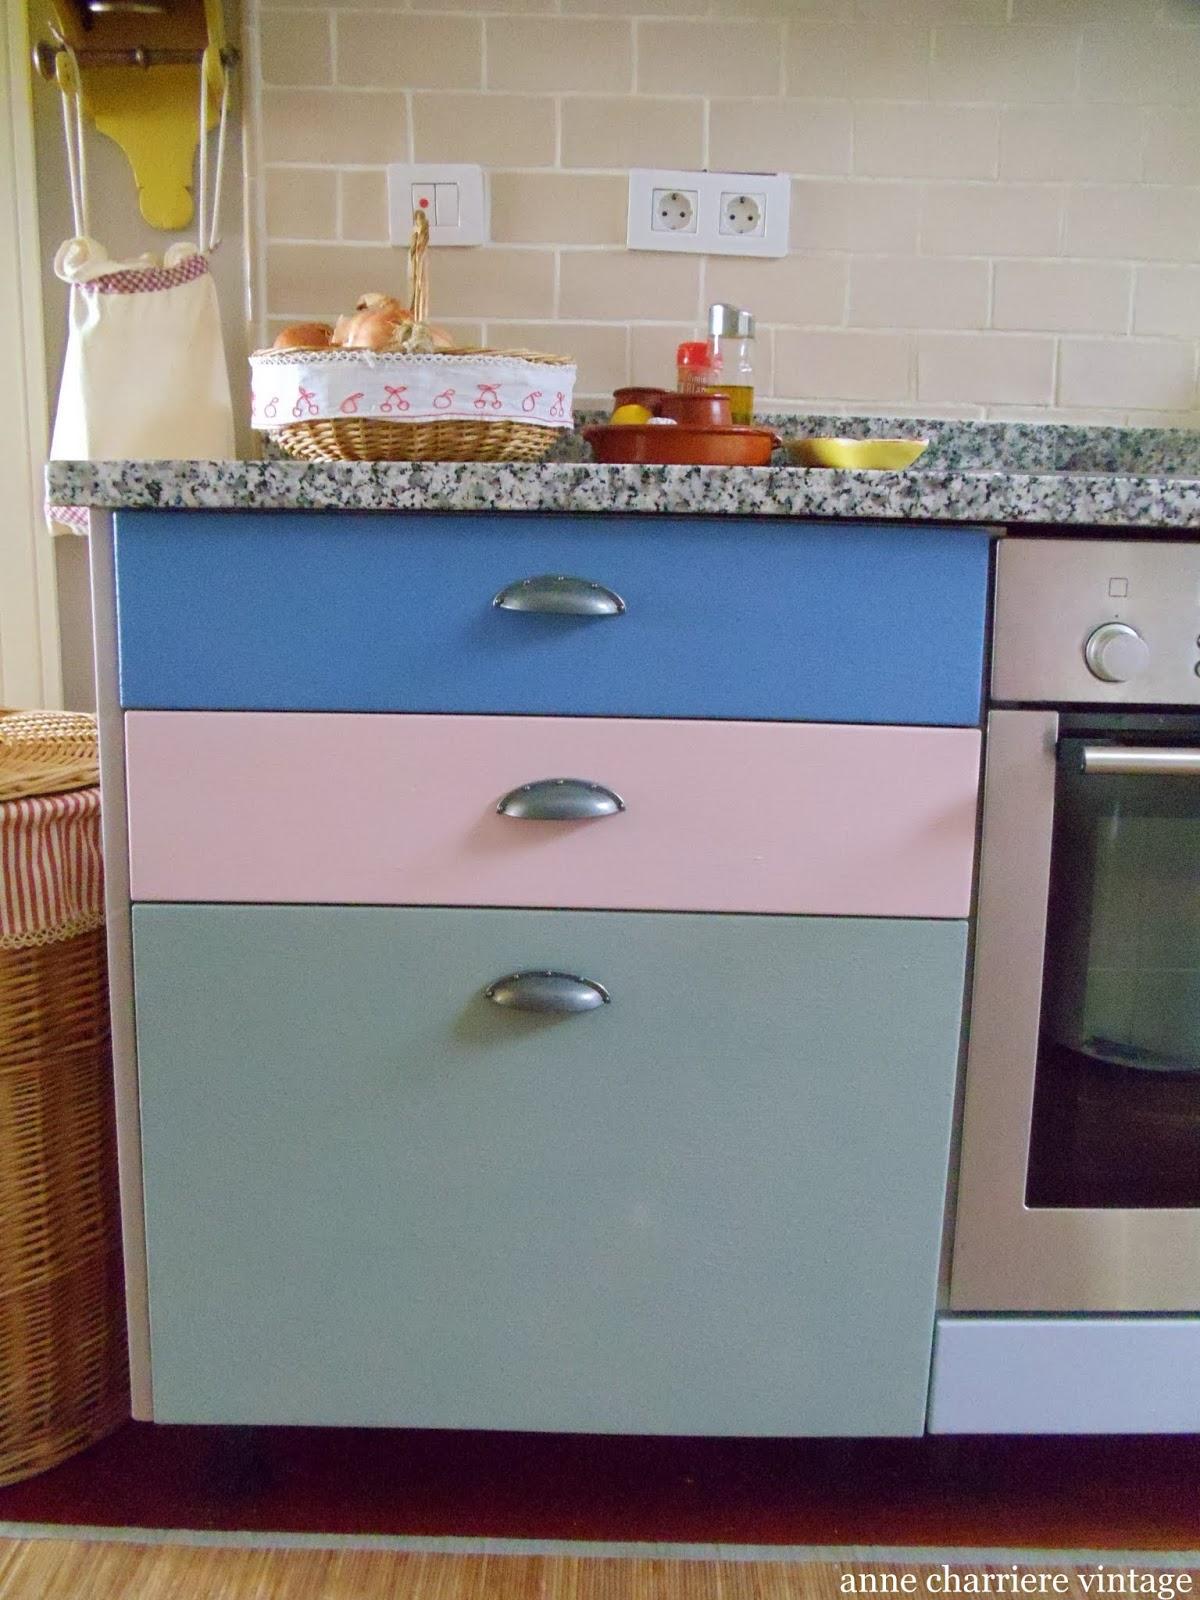 cocina abierta, muebles pintados,